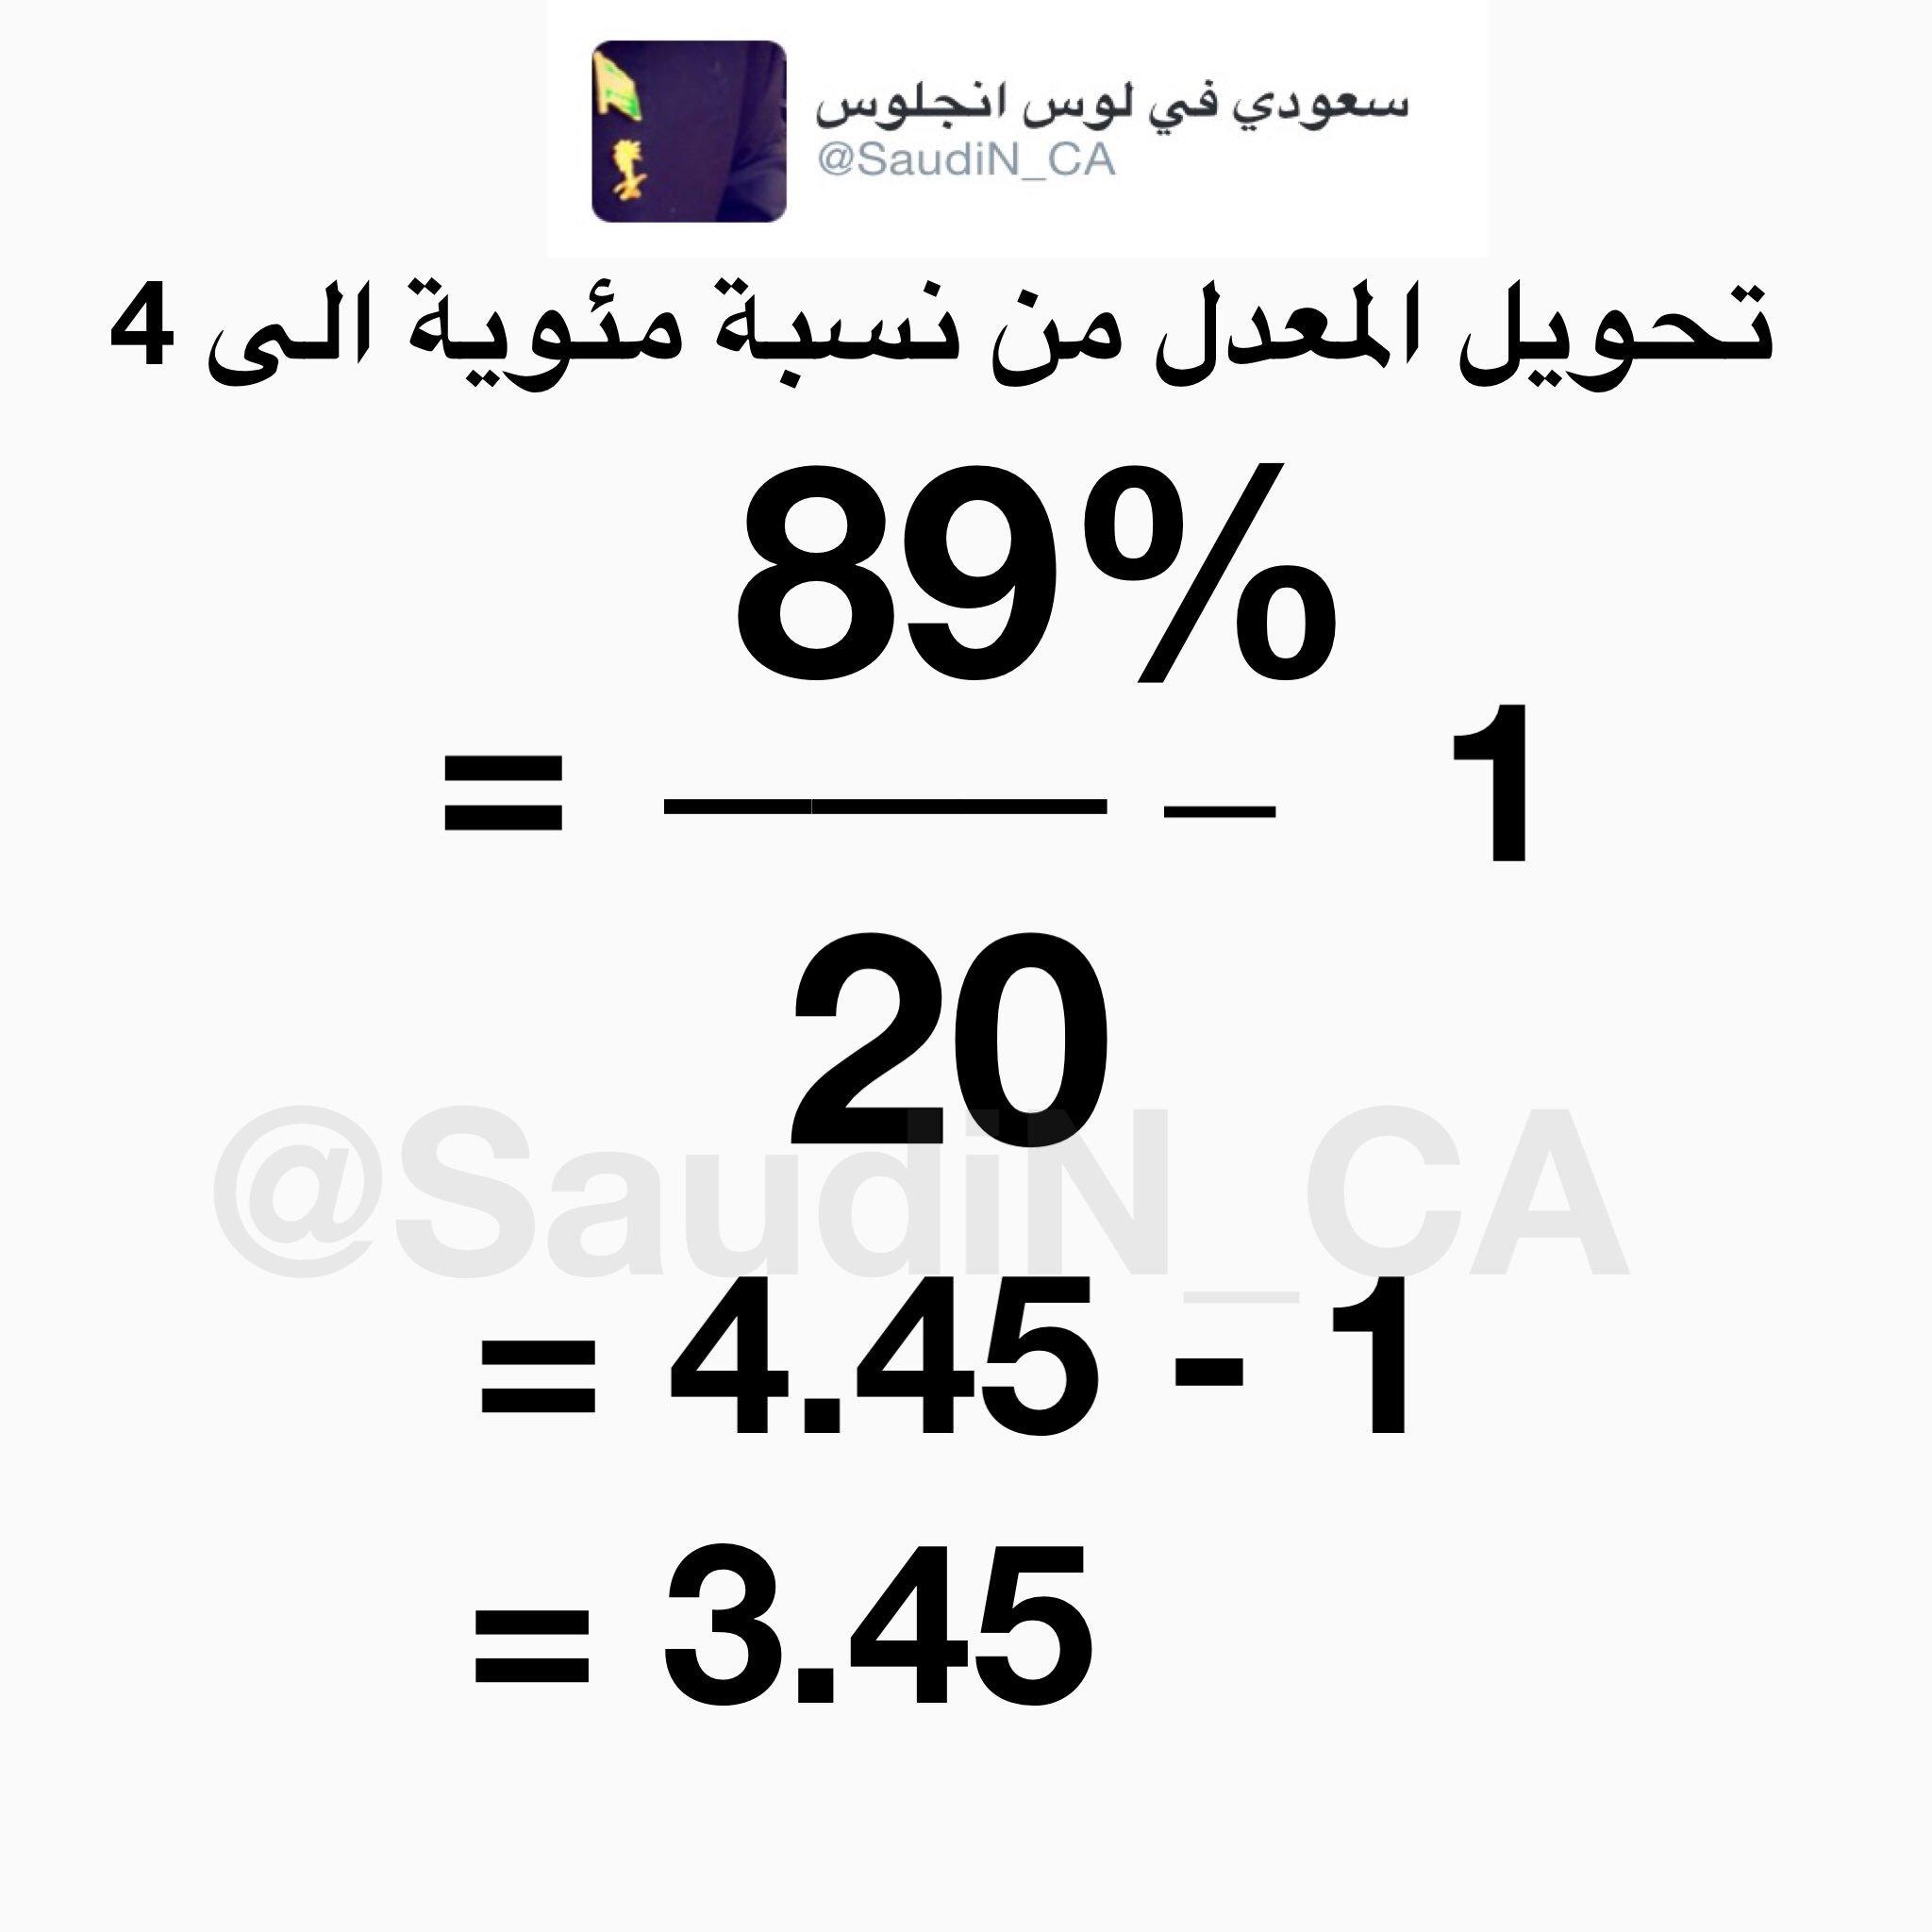 سعودي لوس انجلوس On Twitter تحويل المعدل من نسبة مئوية الى نقاط من ٤ Https T Co Puiapjigsr